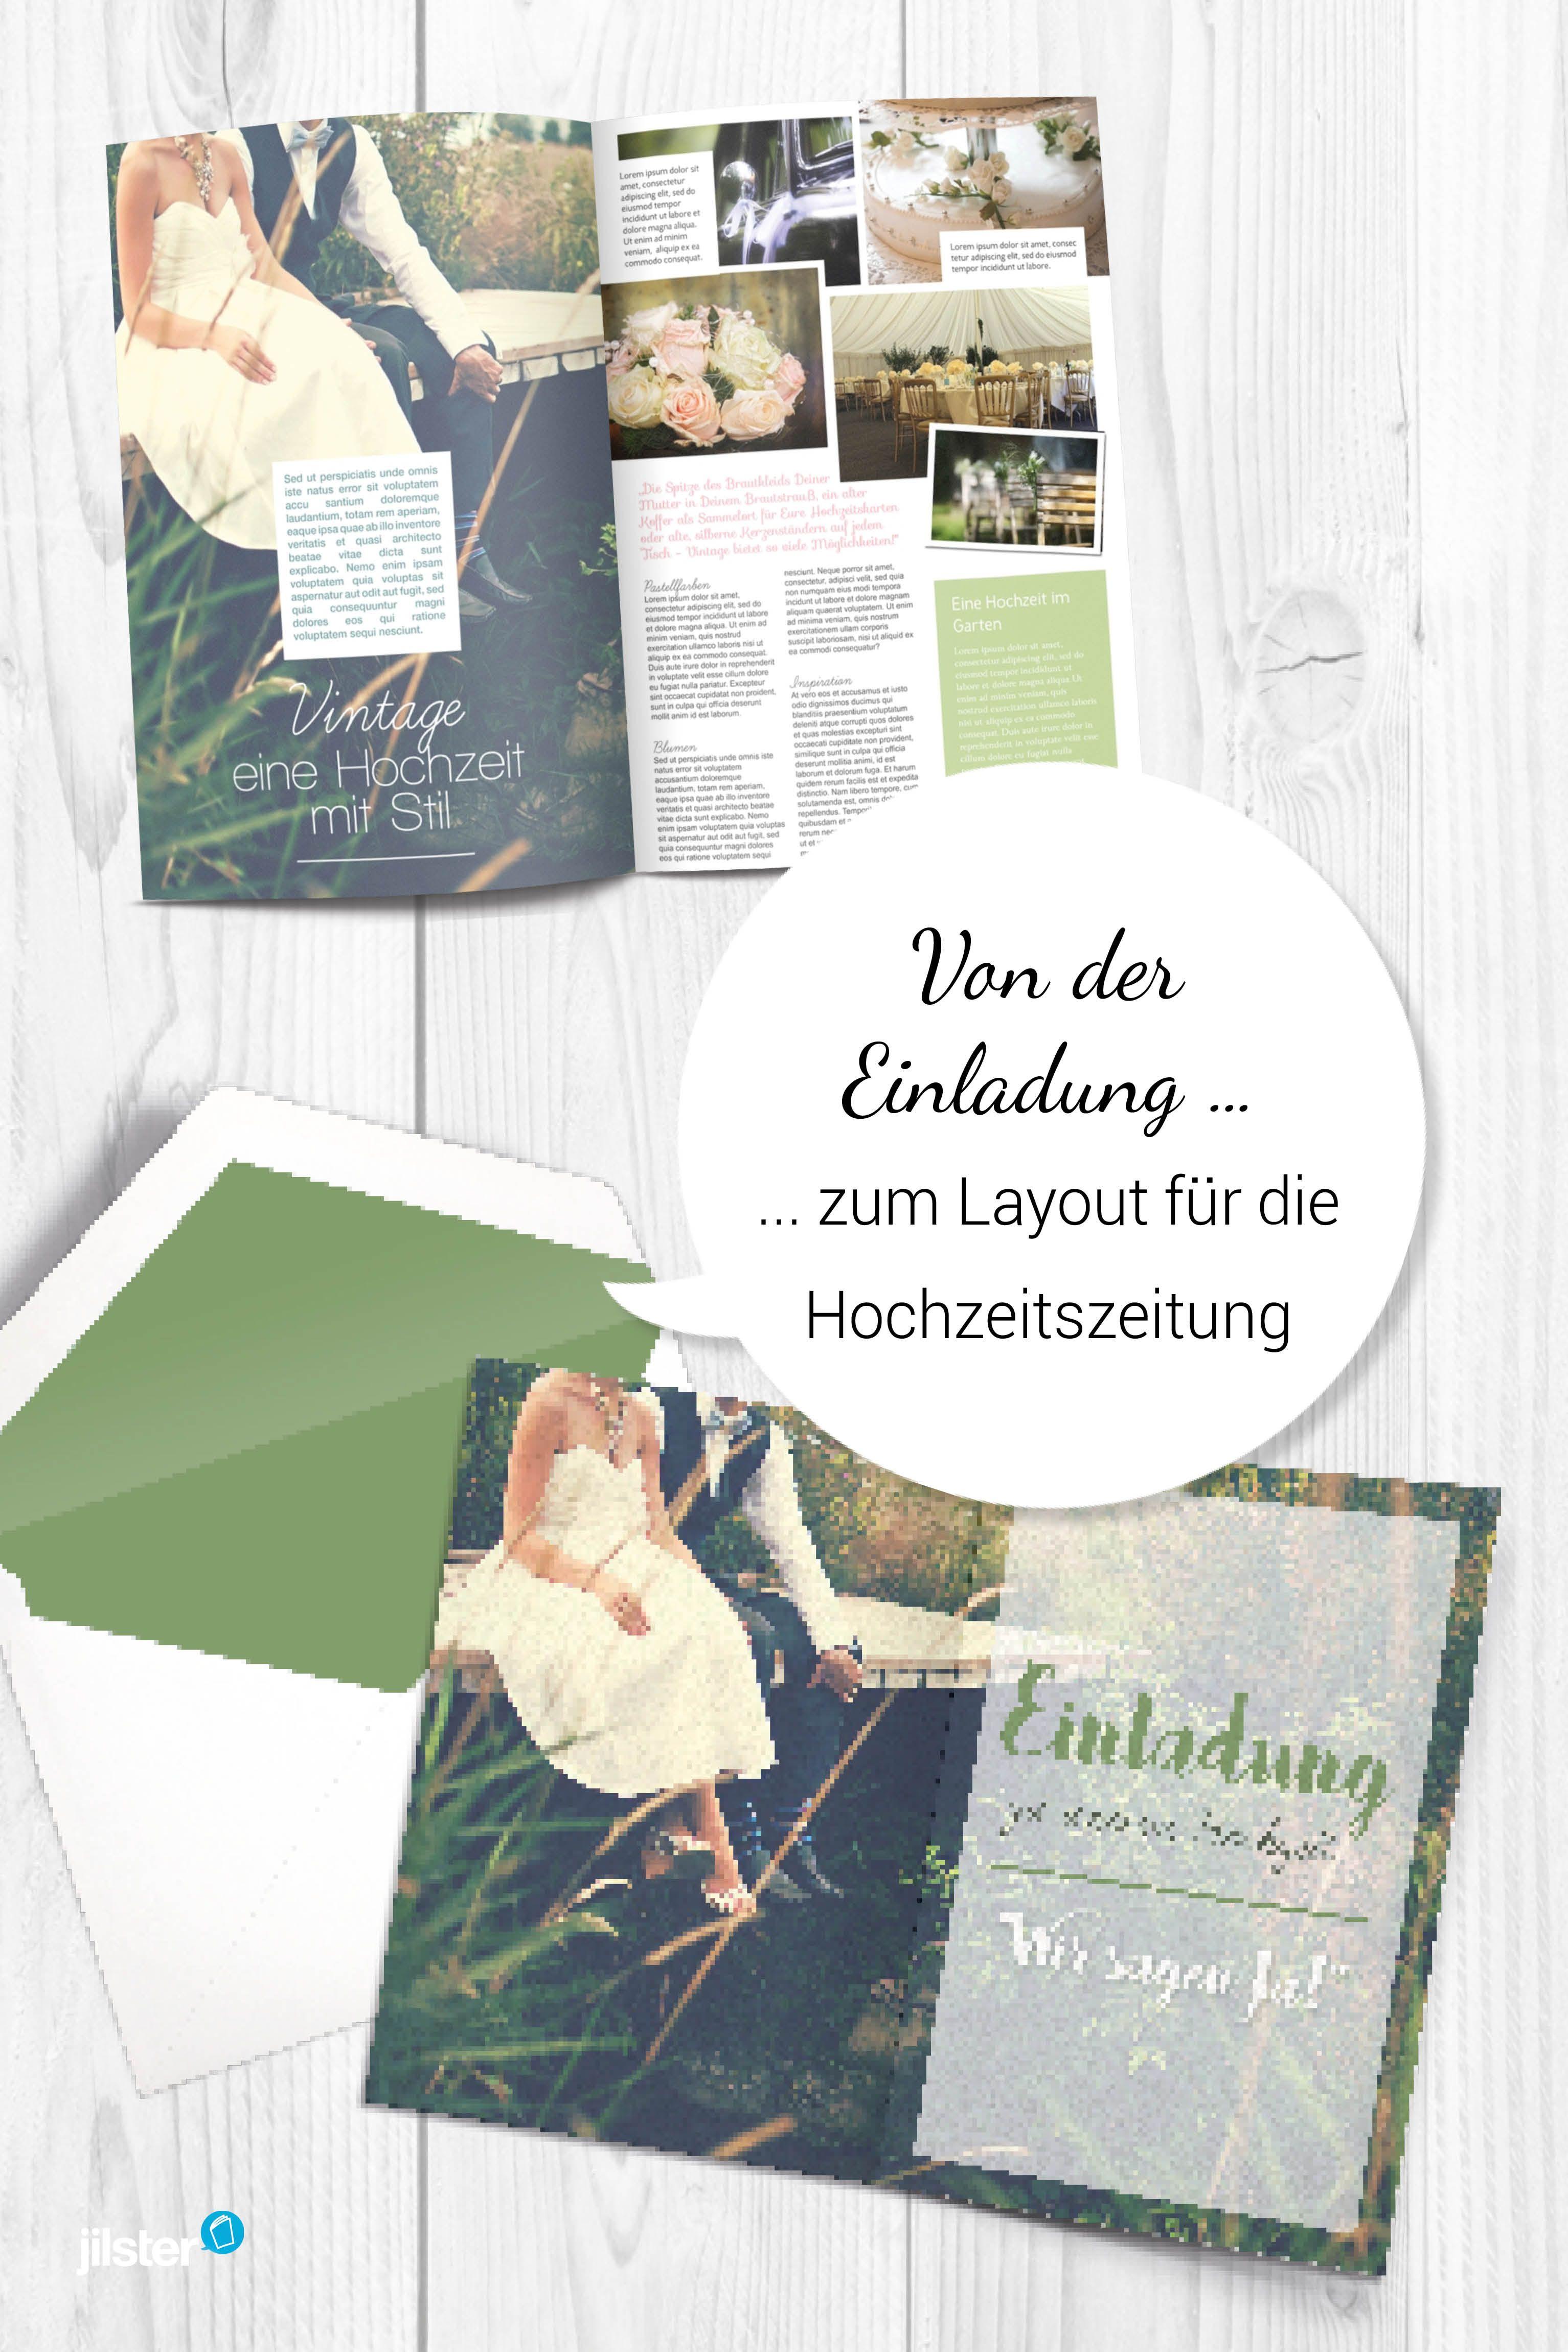 Hochzeitszeitung Hochzeitszeitung Gestalten Vorlagen Tipps